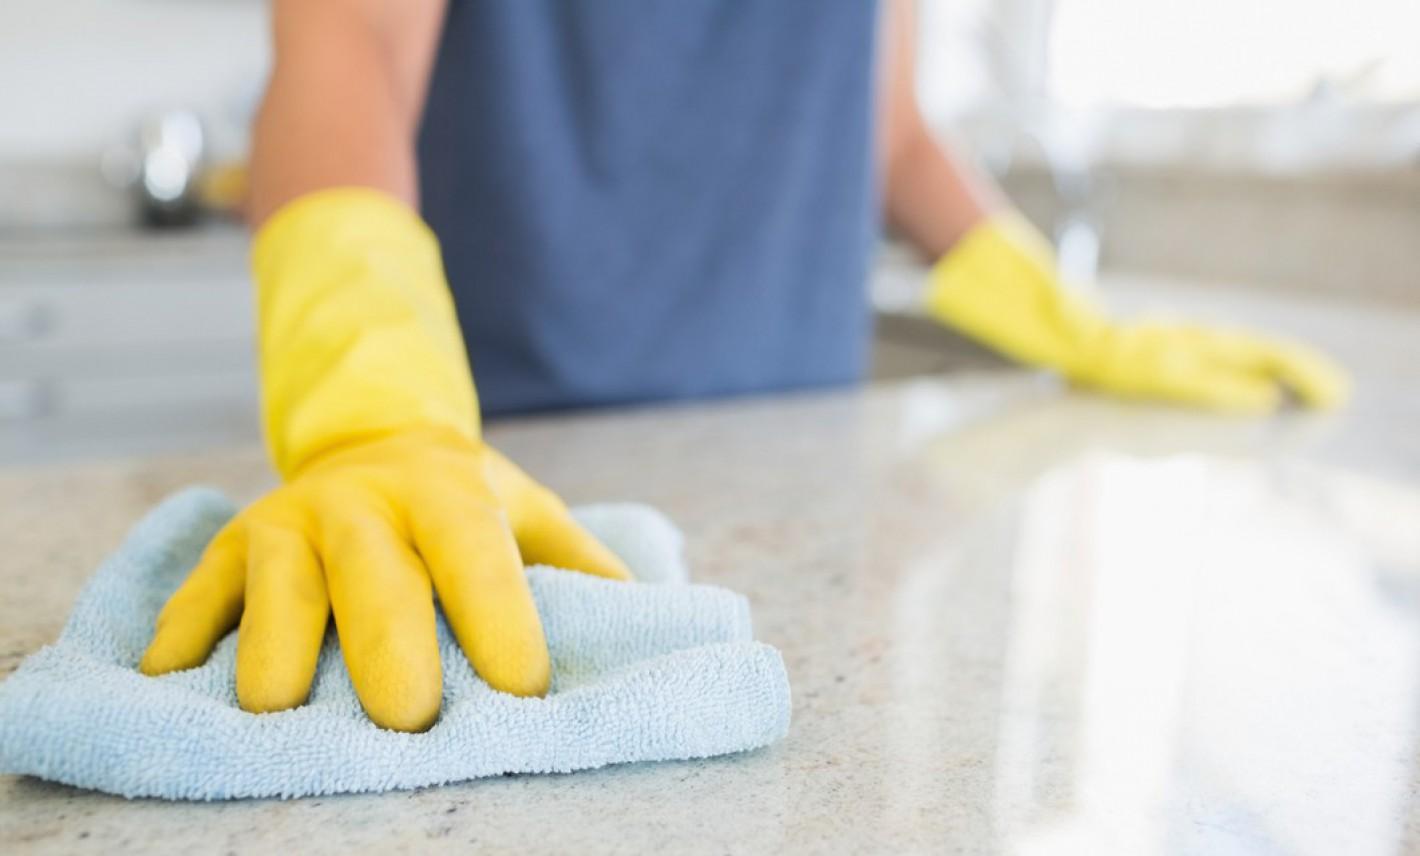 Medidas prevención COVID-19. Pautas de desinfección a seguir en nuestros domicilios y enseres personales